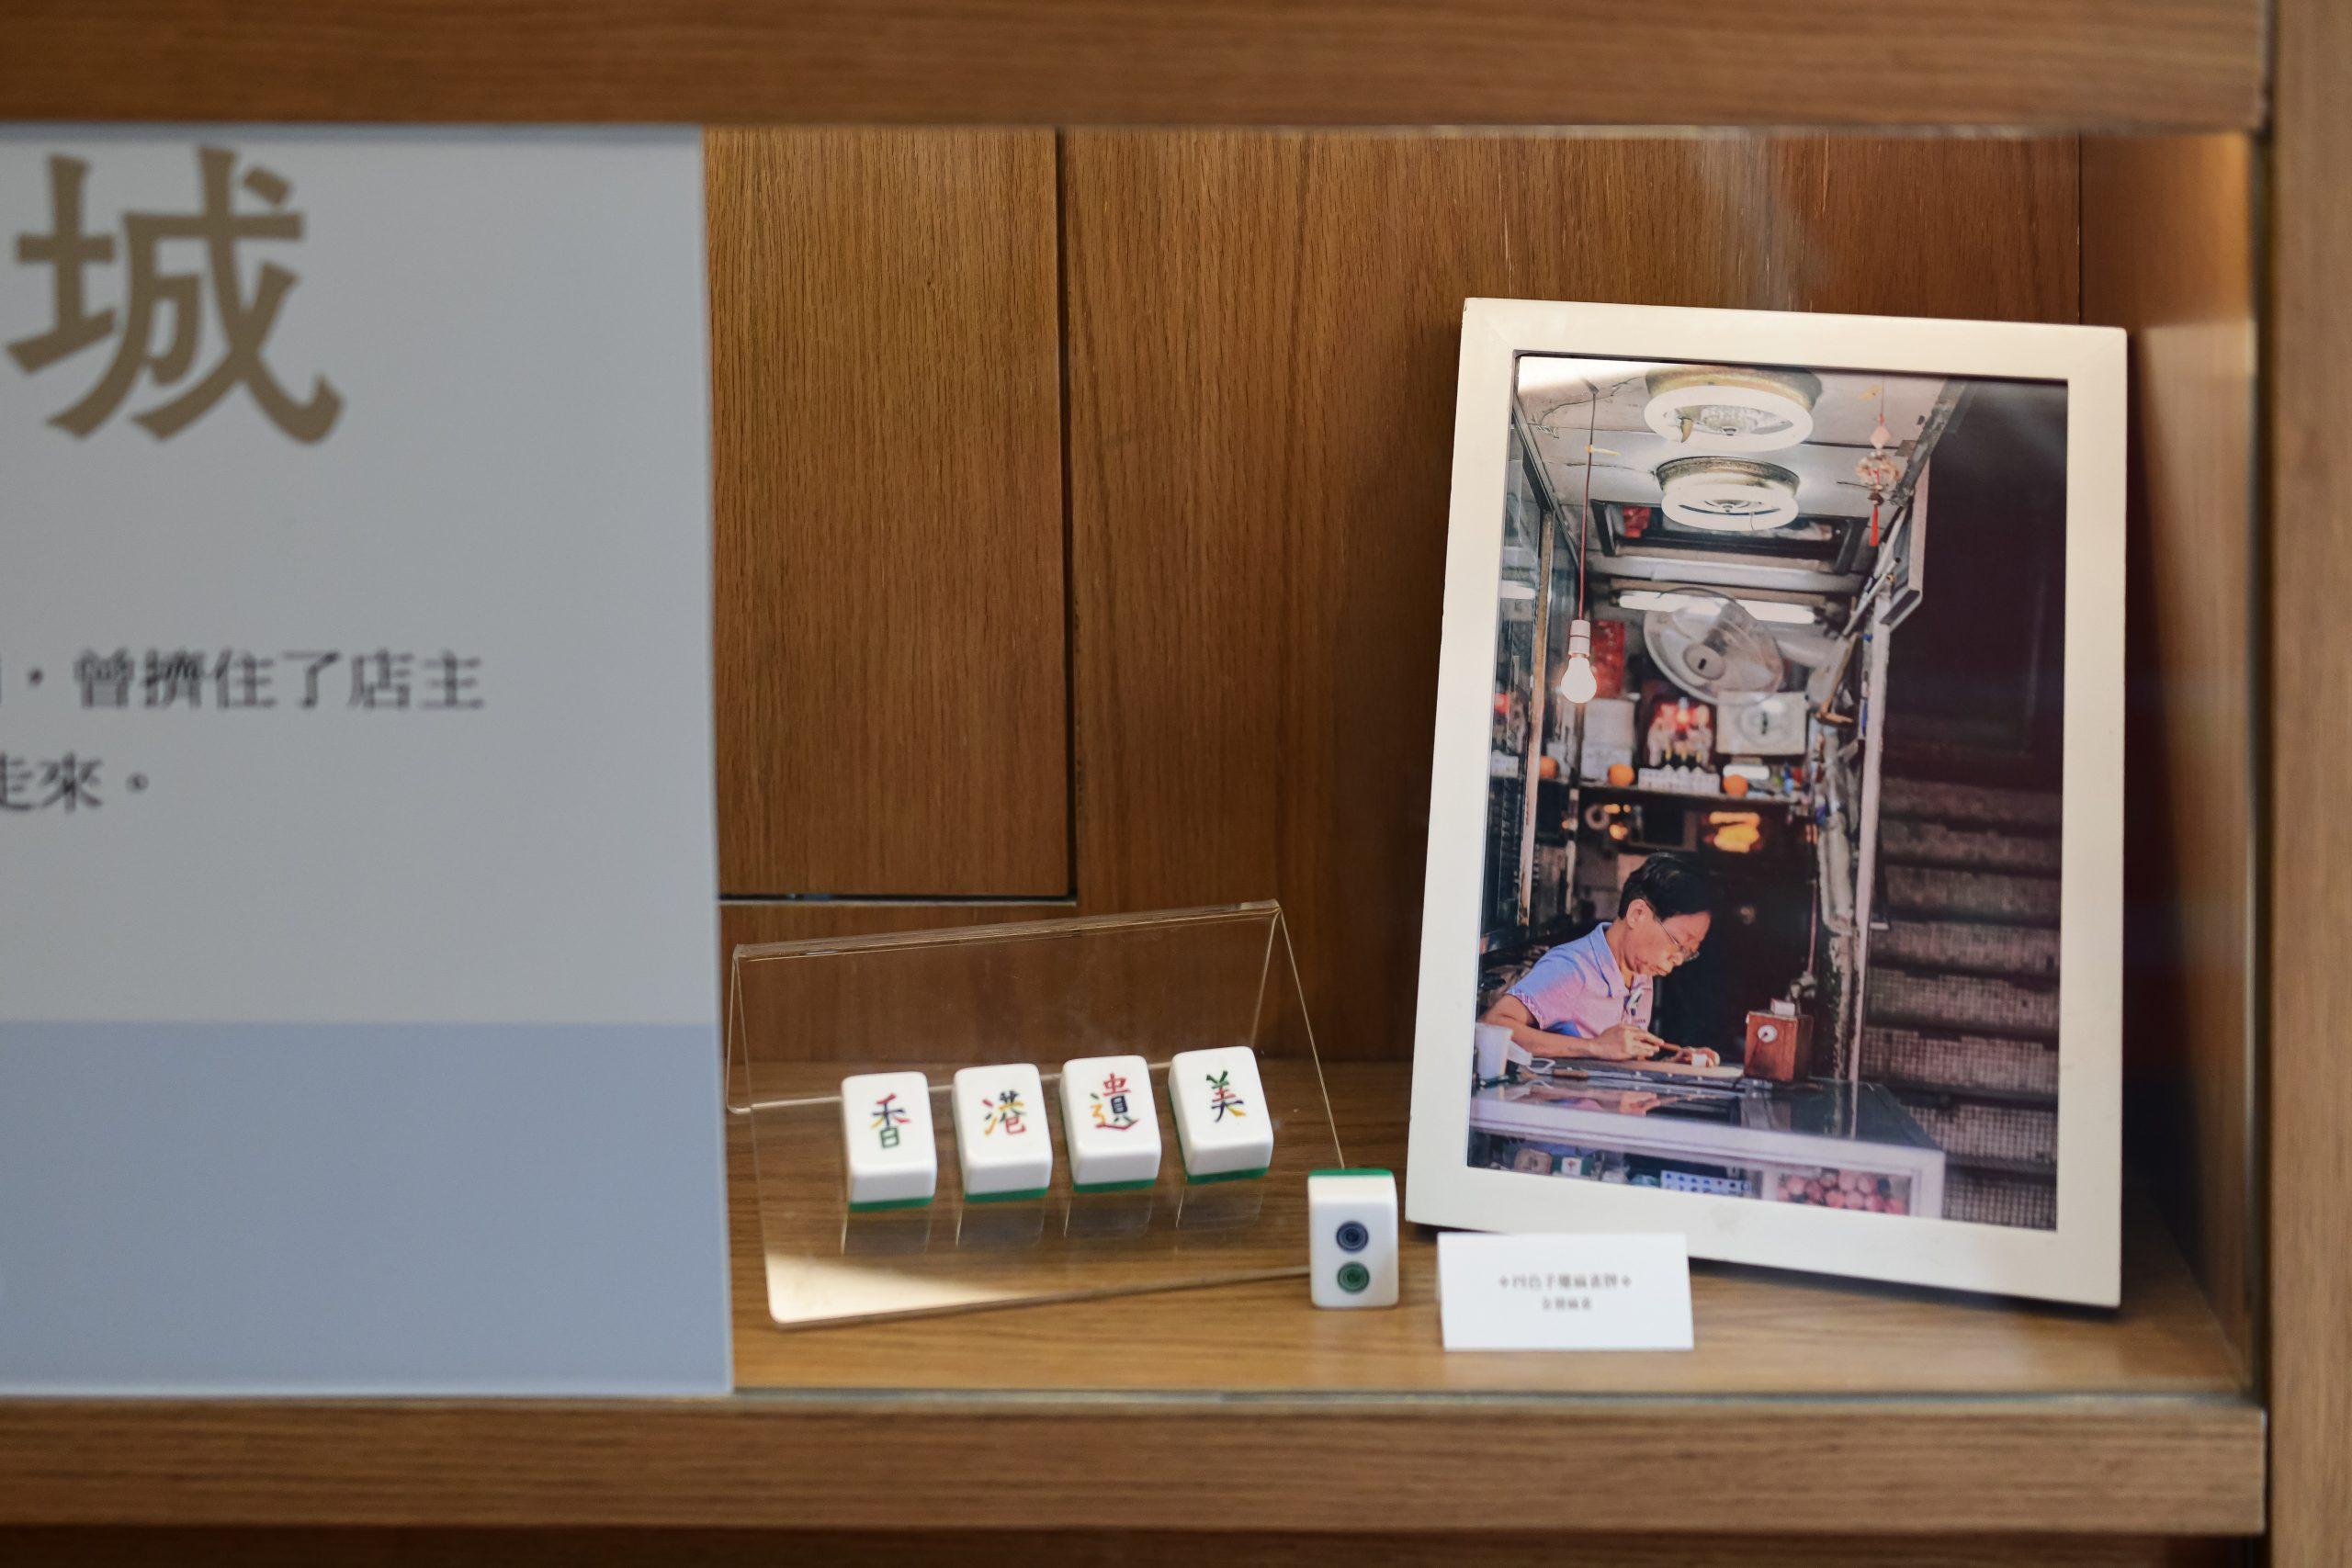 老香港設計展覽 香港遺美 阿銀冰室 歷史 老店 金發麻雀 手雕麻雀